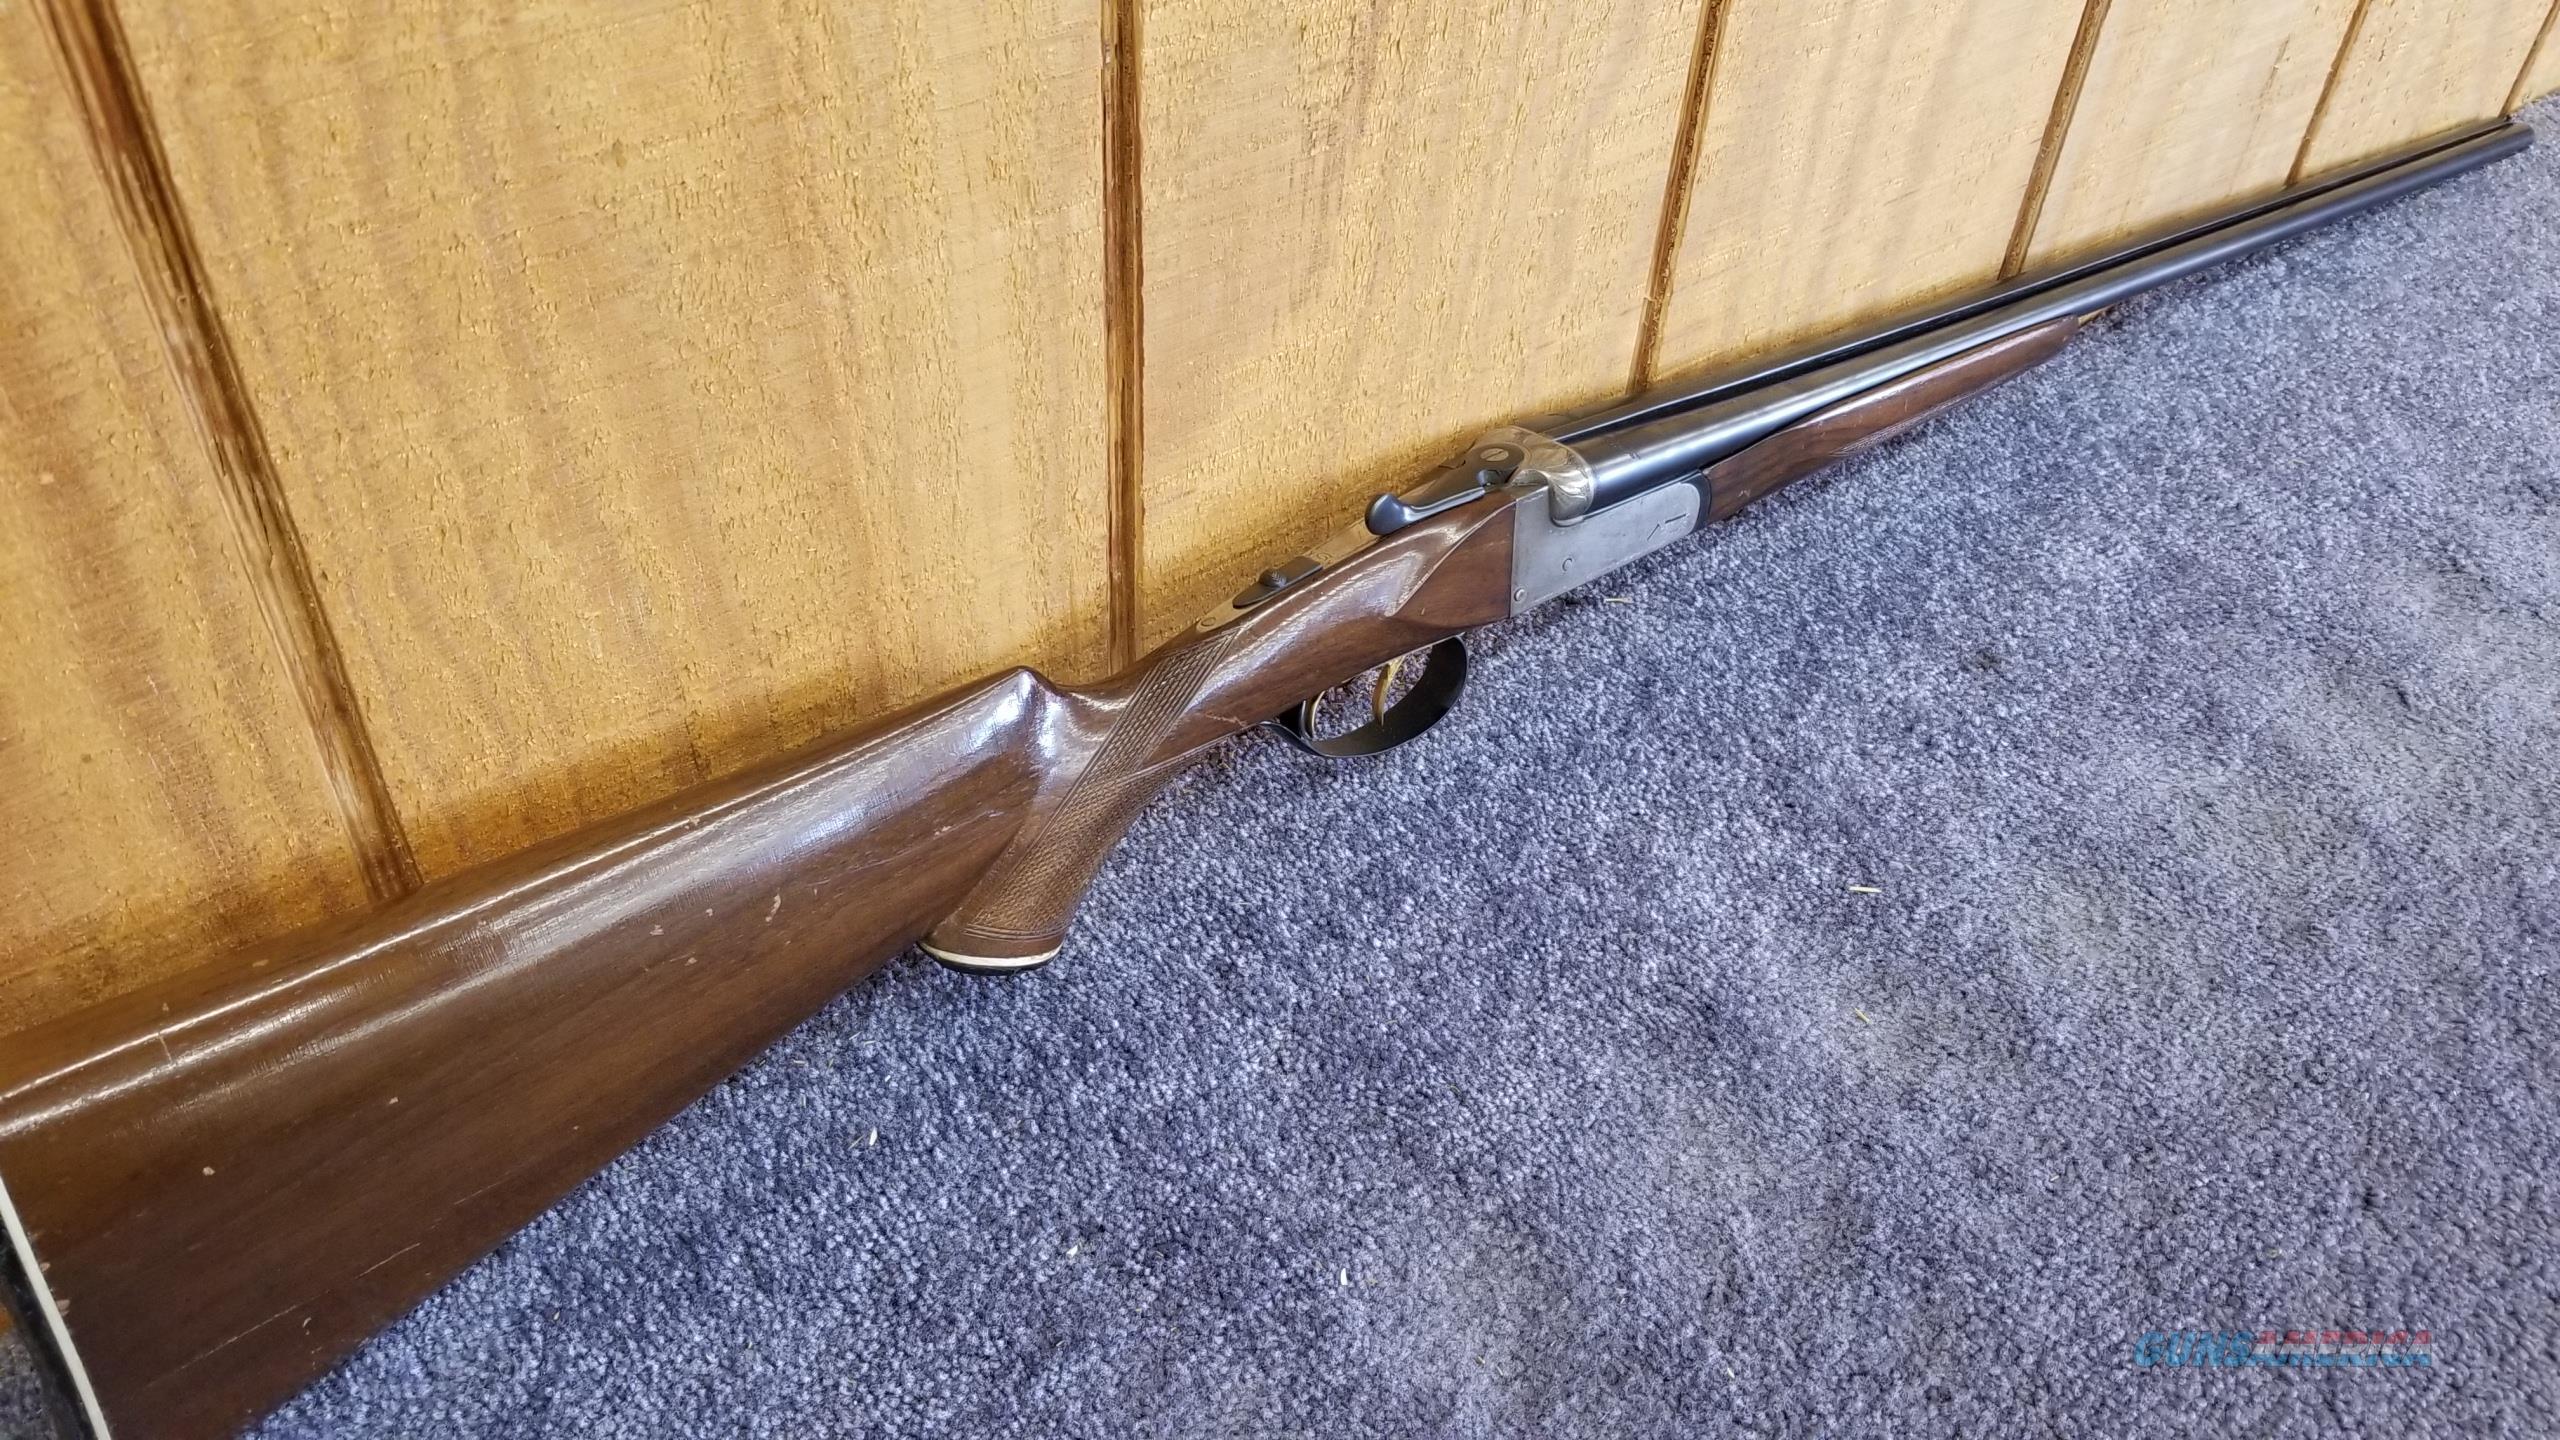 """EIBAR Field Model 410ga SxS Shotgun Full Choke 25 1/2"""" Barrel  Guns > Shotguns > E Misc Shotguns"""